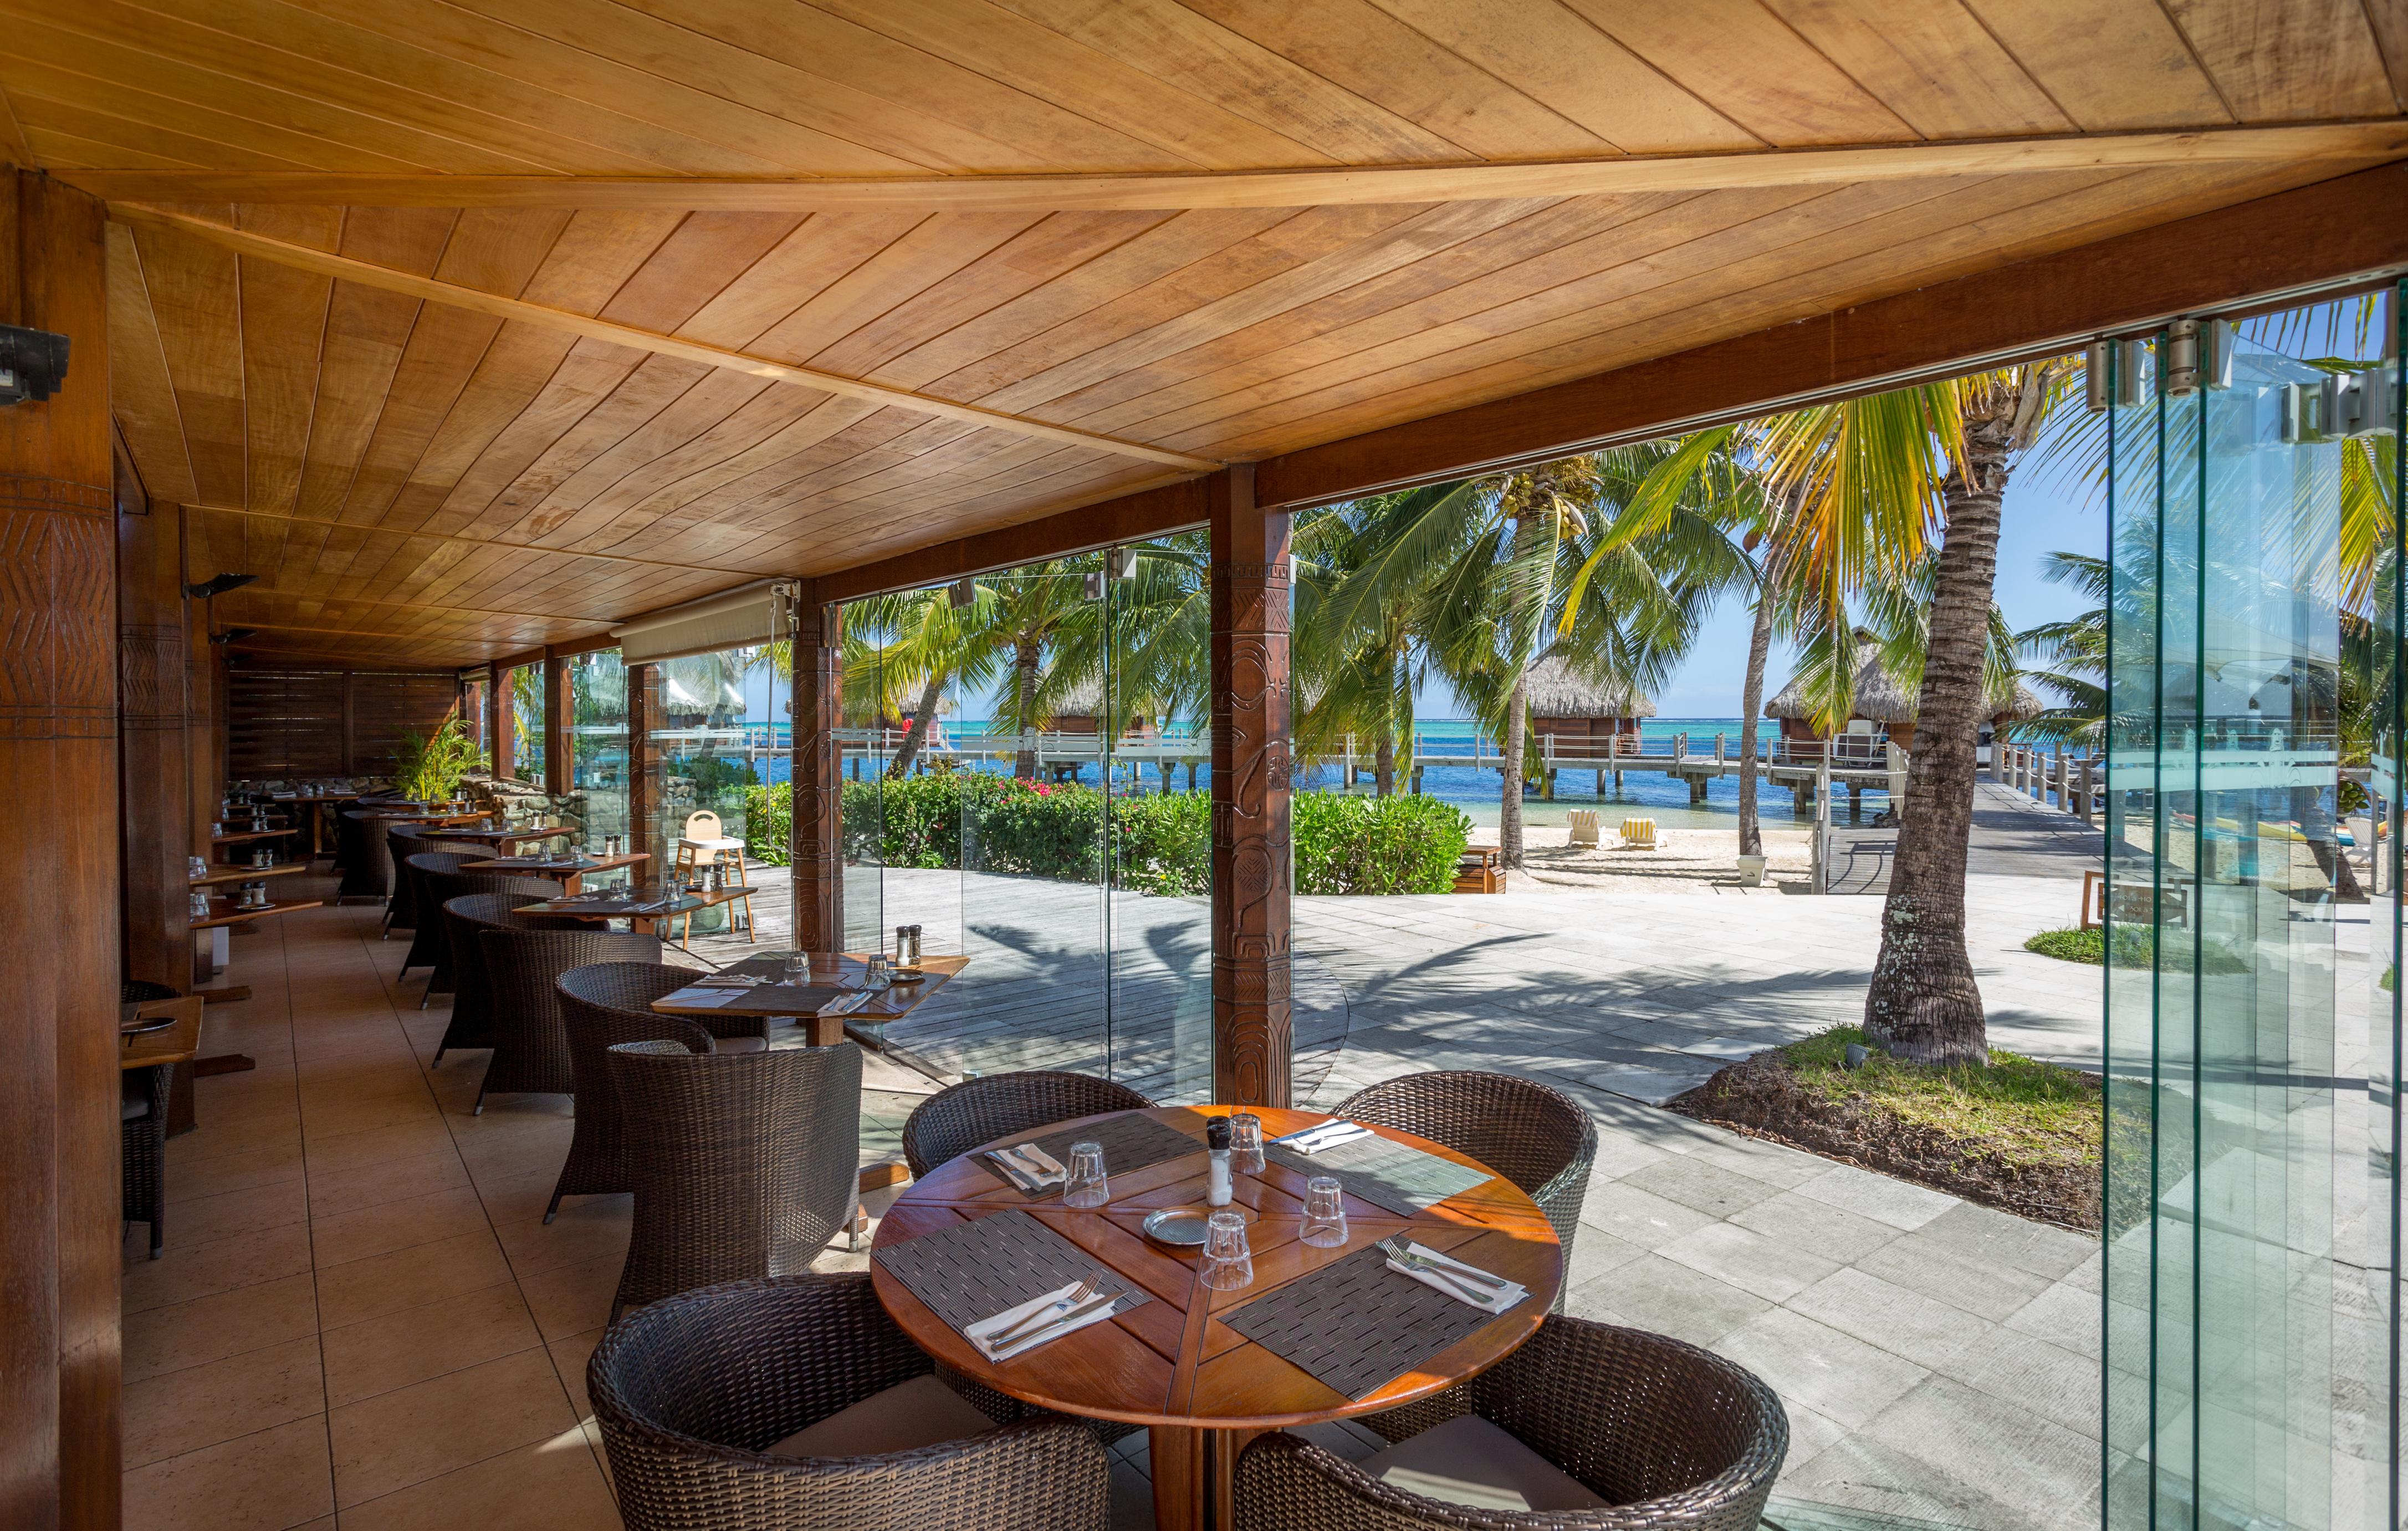 https://tahititourisme.ca/wp-content/uploads/2018/03/RESTAURATION-Restaurant-Mahanai-1-Charles_Veronese.jpg